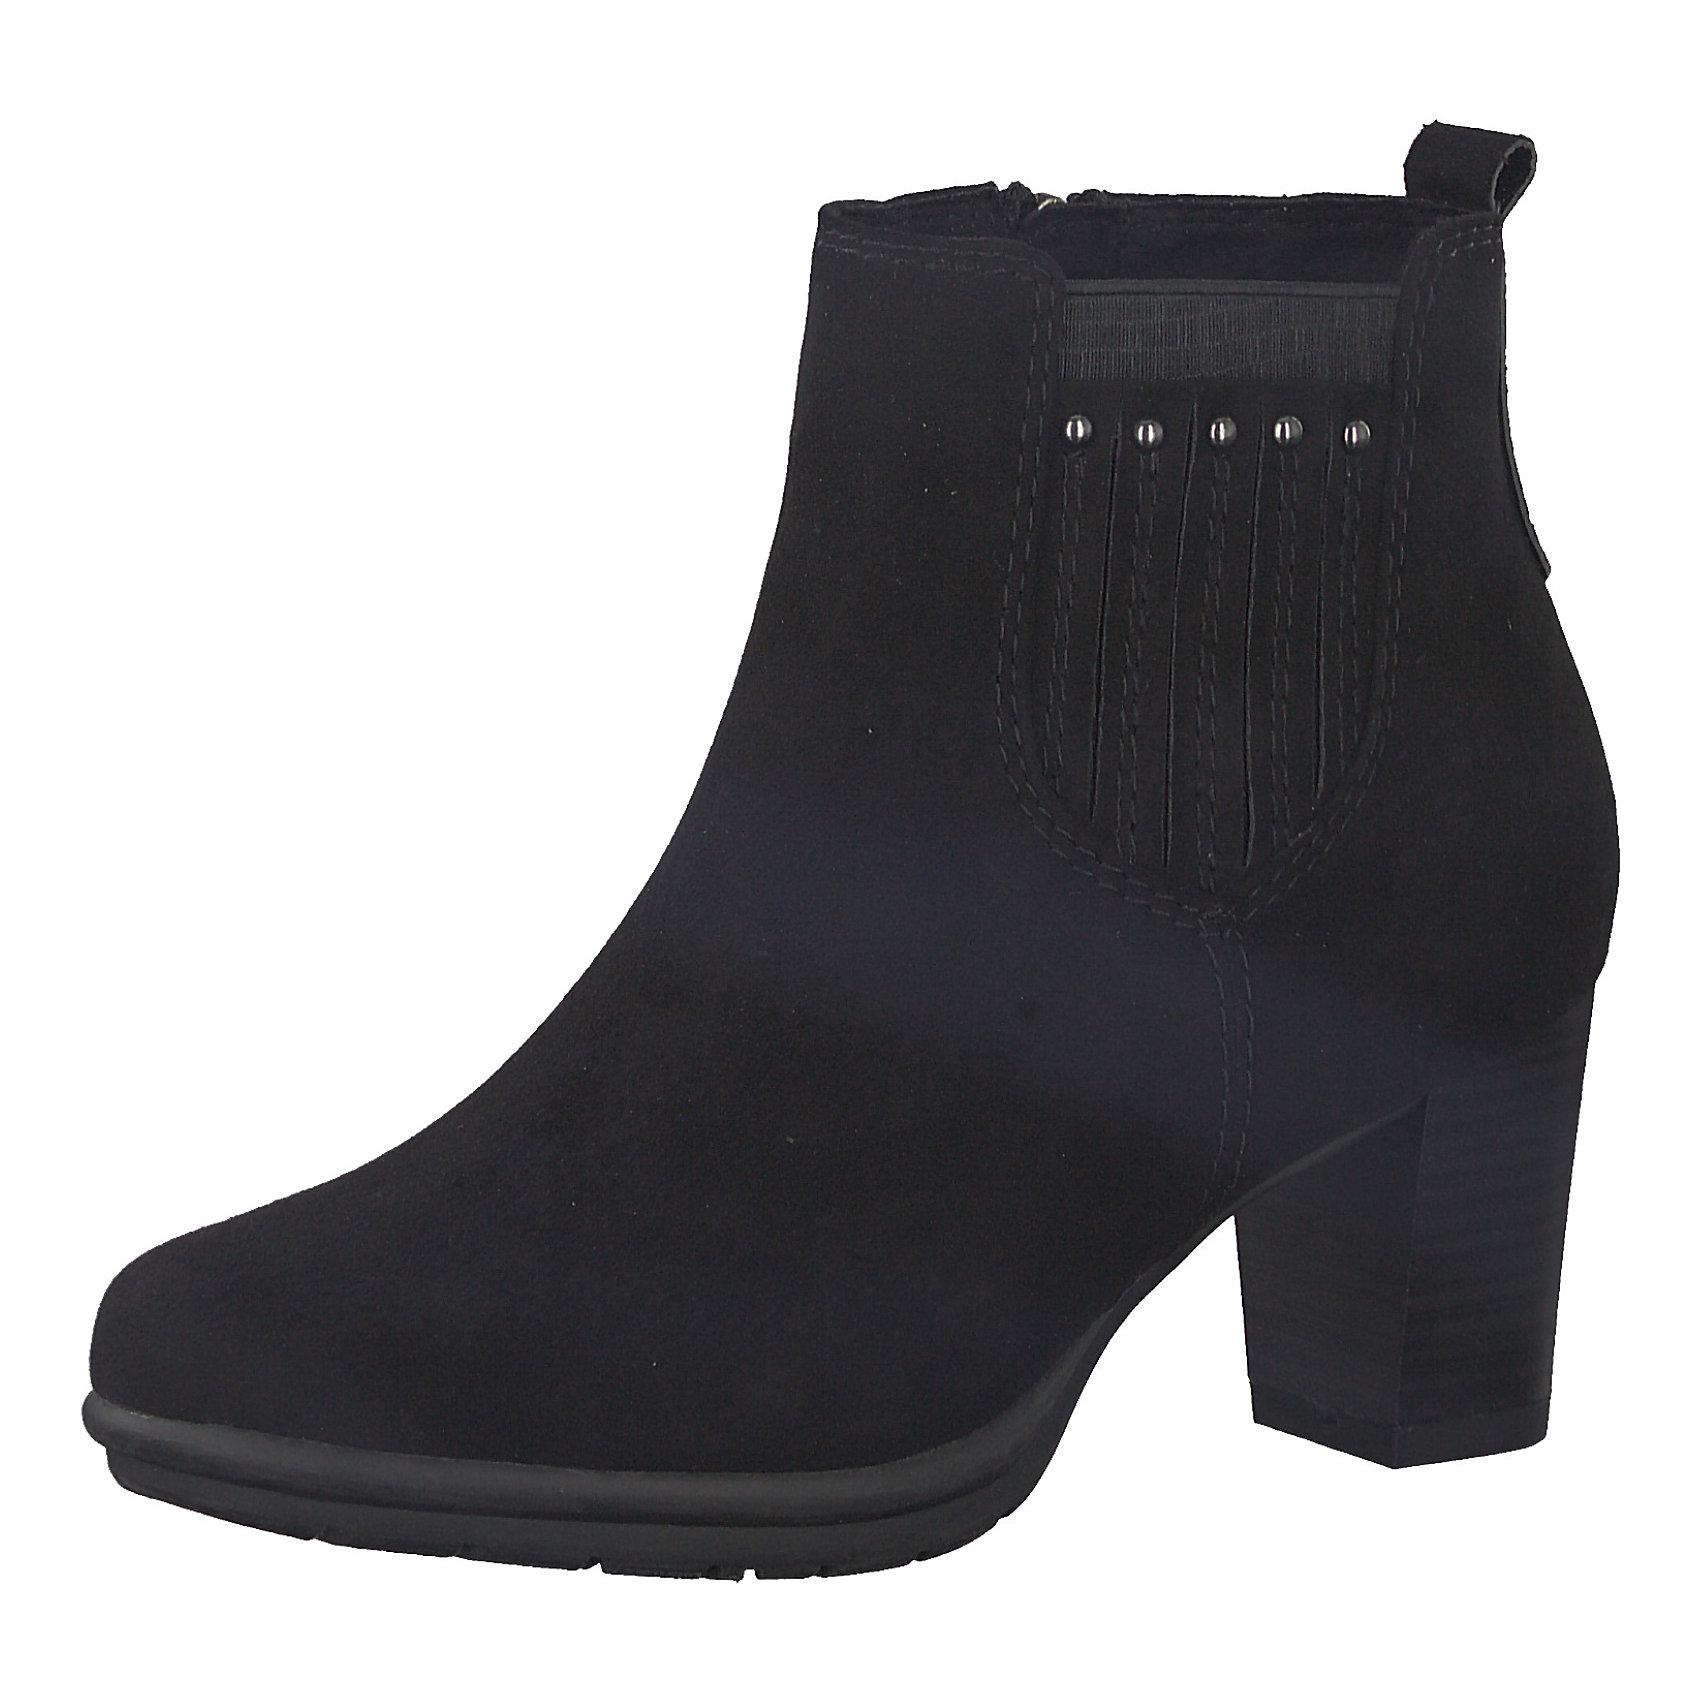 Neu MARCO TOZZI TOZZI TOZZI Feel Ankle Stiefel 8516154 für Damen schwarz 83732b